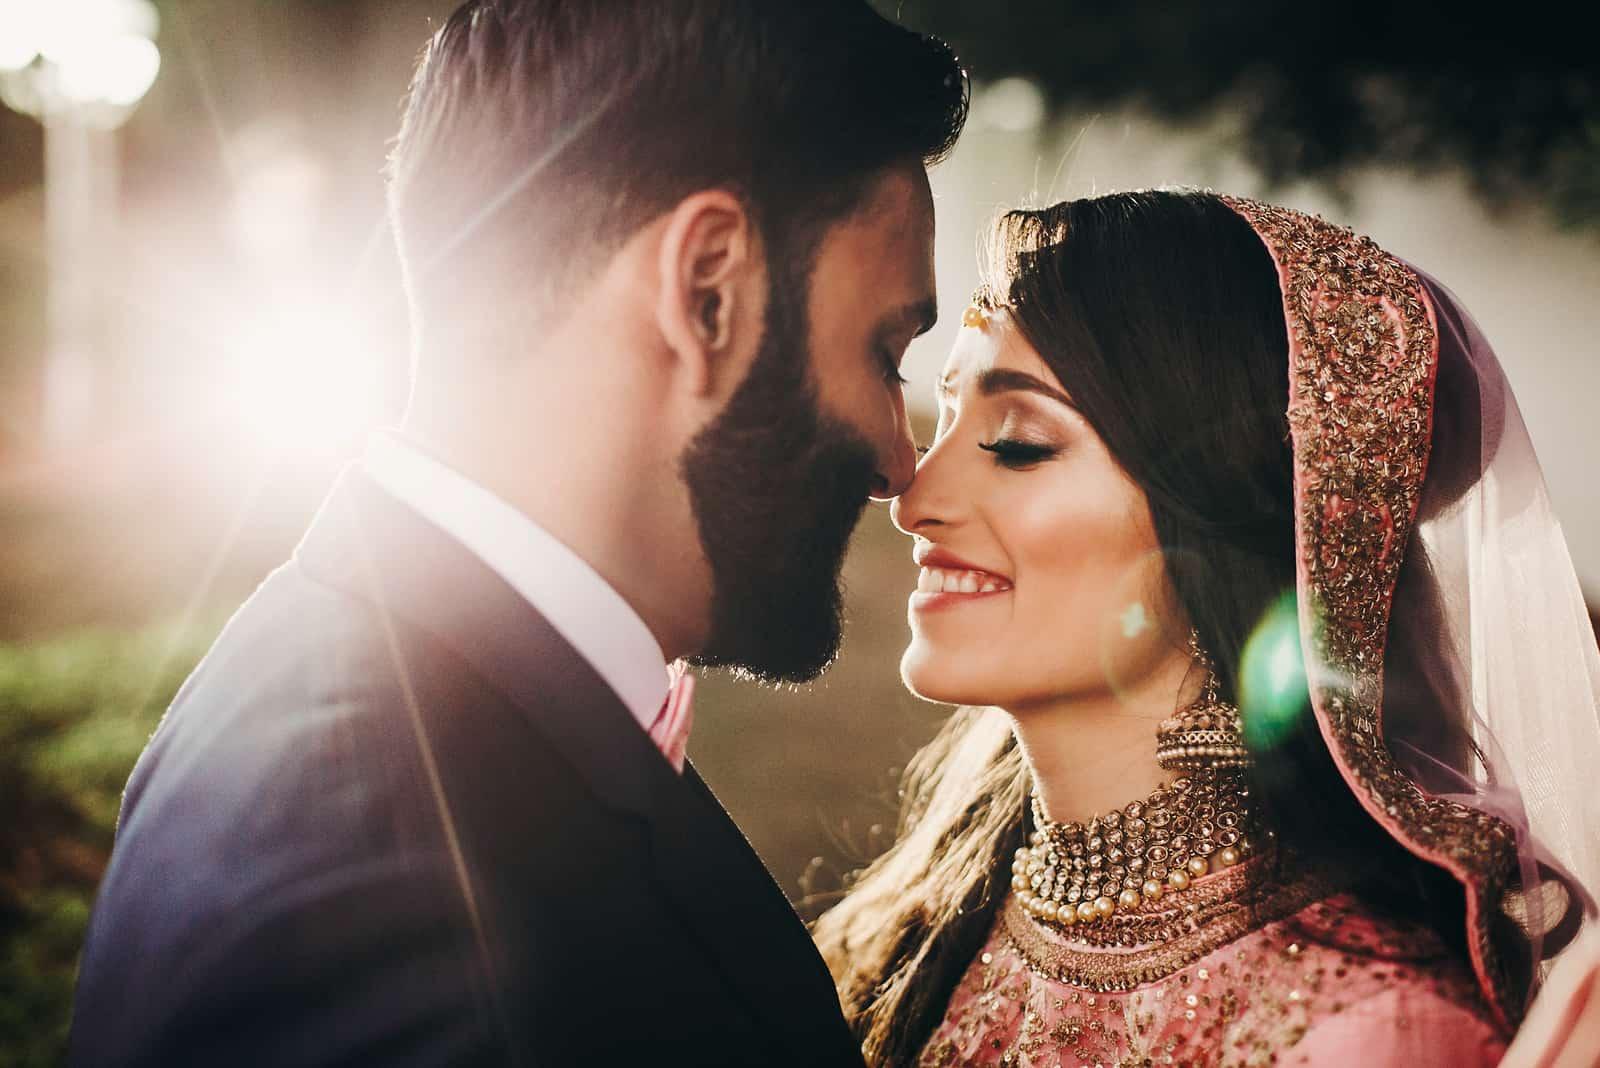 Hübscher bärtiger indischer Bräutigam küsst Braut im rosa Kleid zart stehend outisde